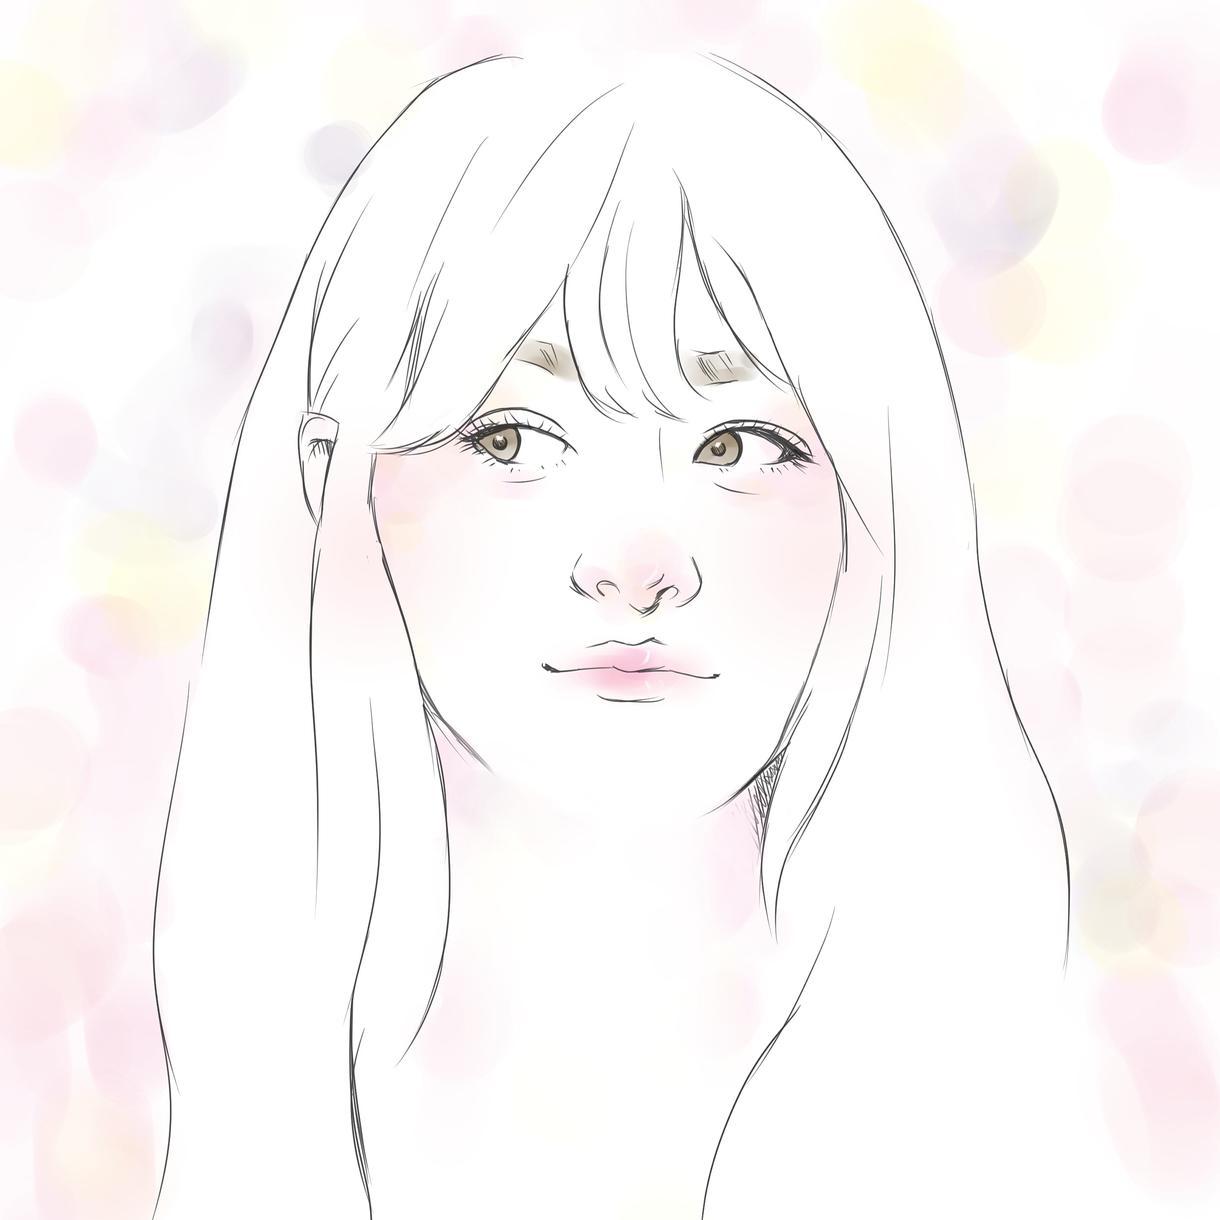 水彩風のアイコン似顔絵イラスト作成します ちょっぴりオシャレで可愛らしい似顔絵はいかがですか?